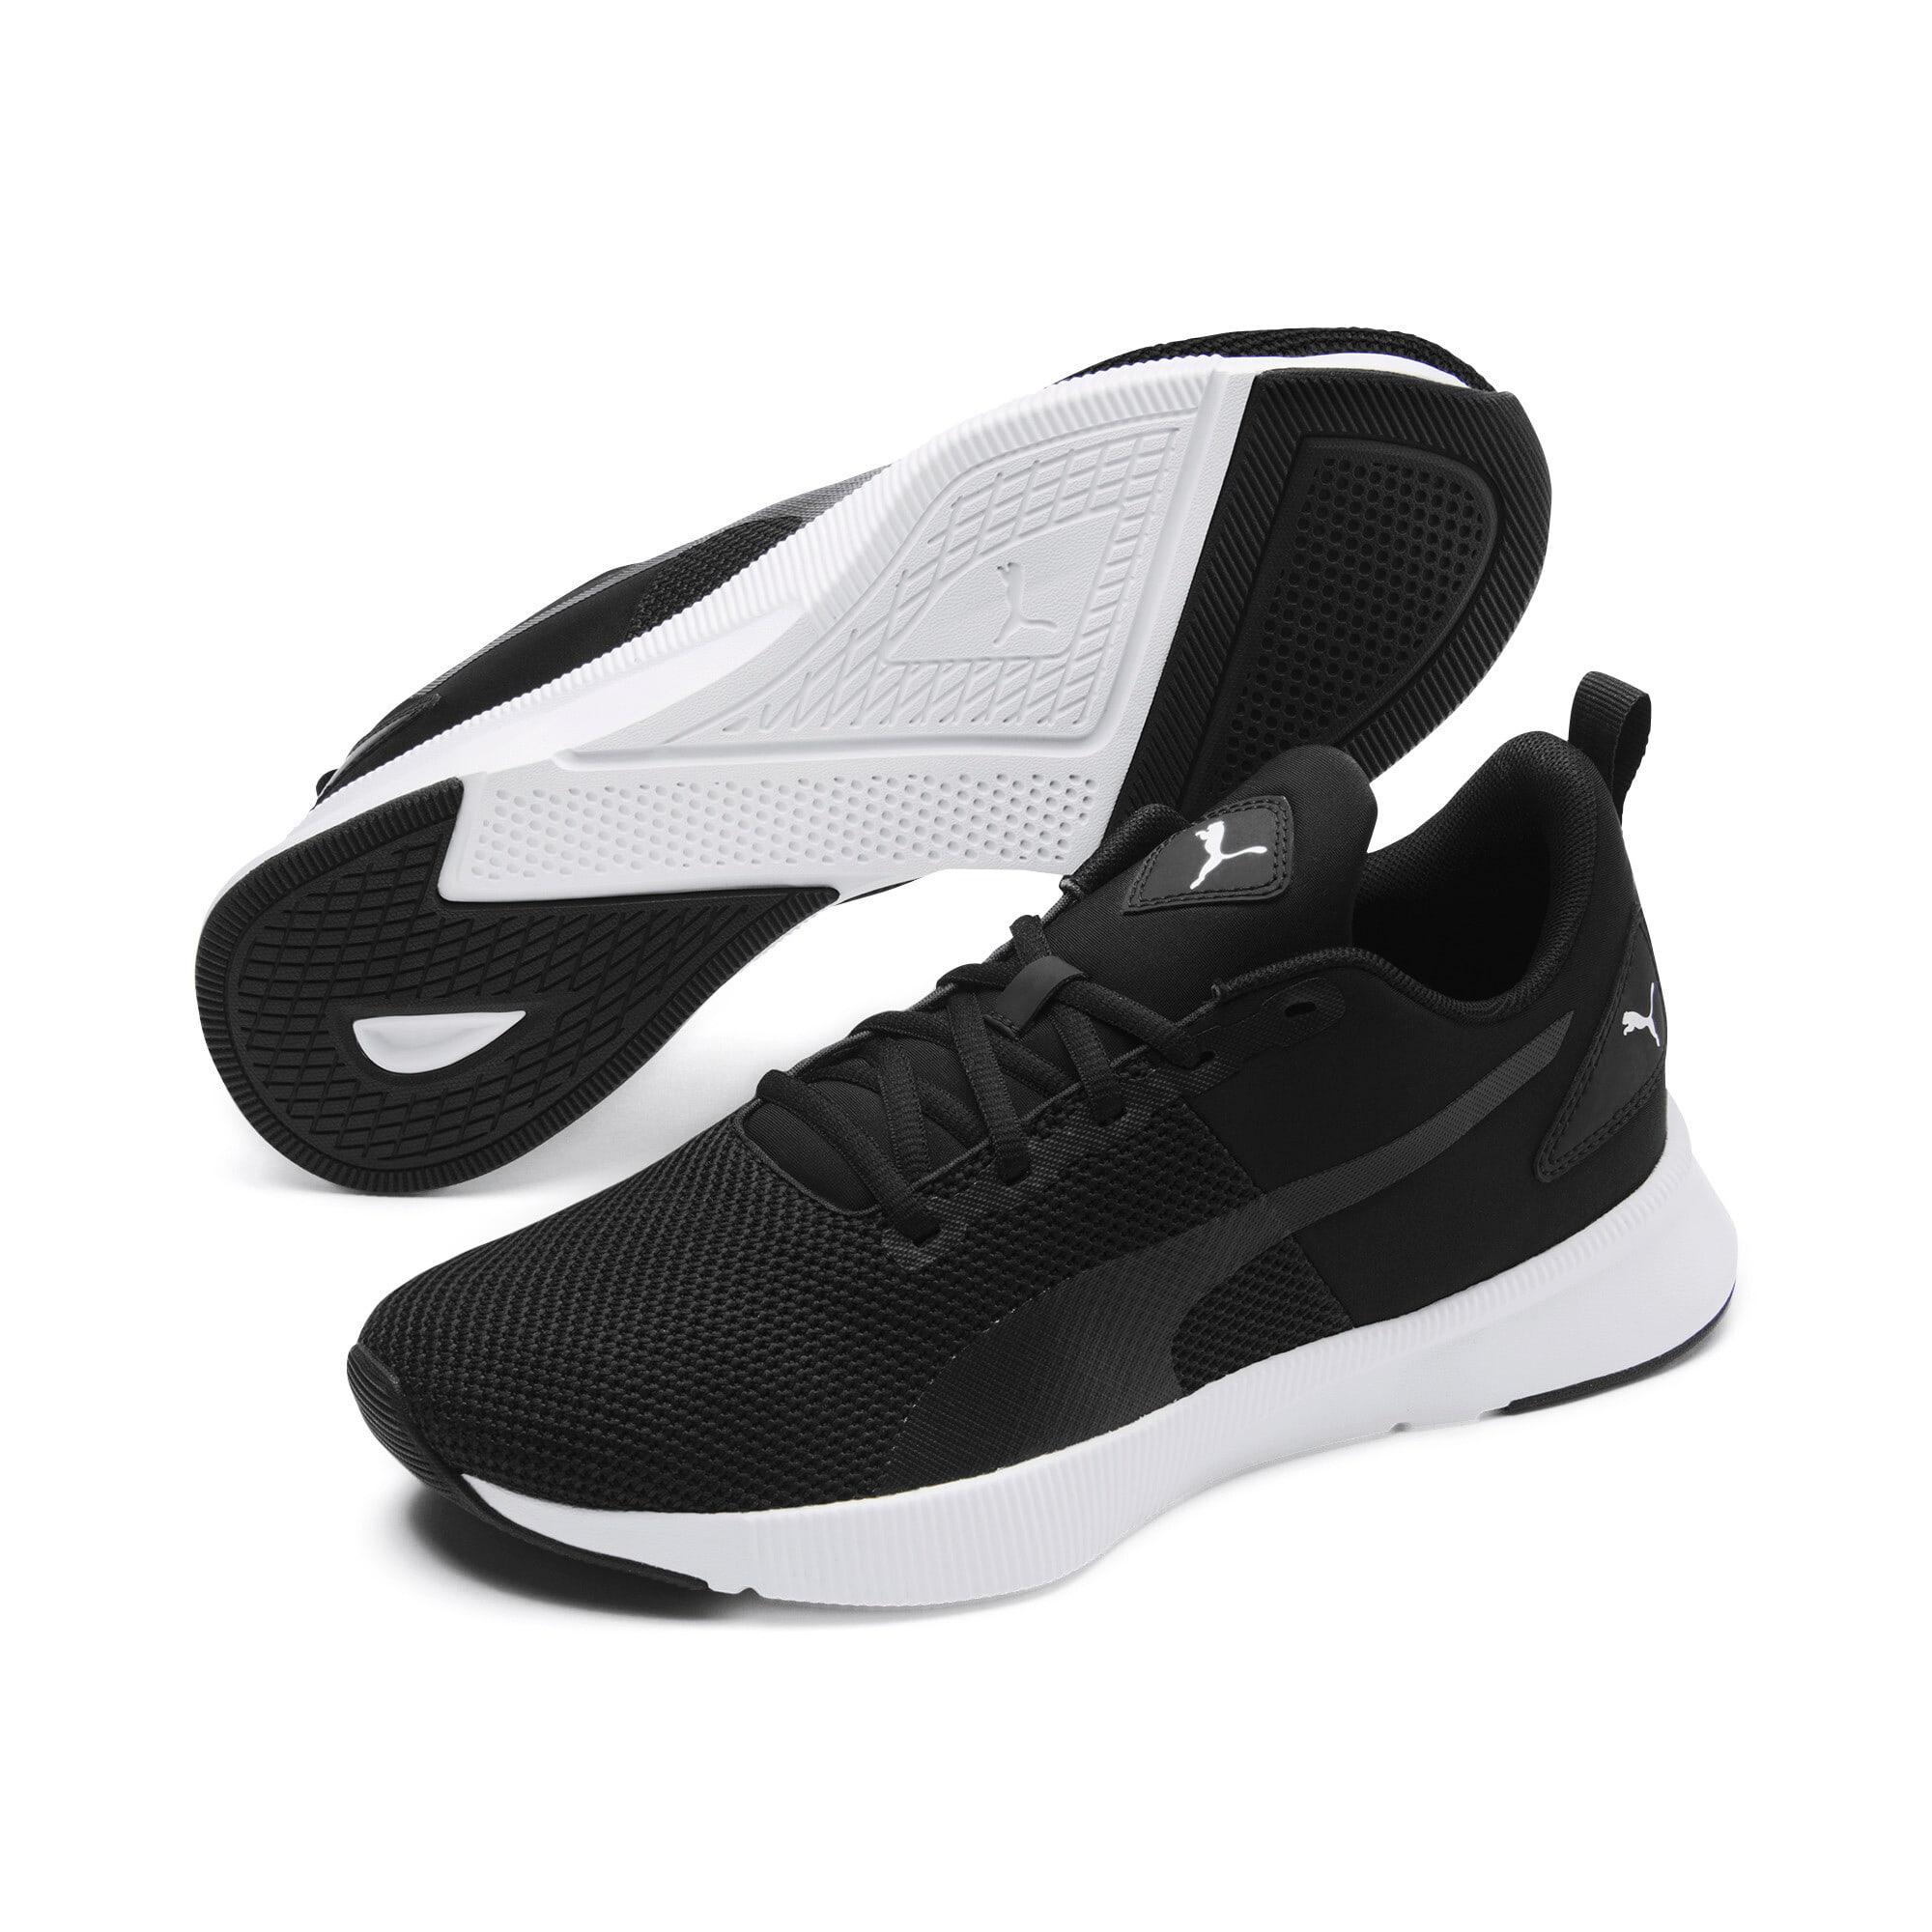 Thumbnail 2 of Flyer Runner Running Shoes, Black-Black-White, medium